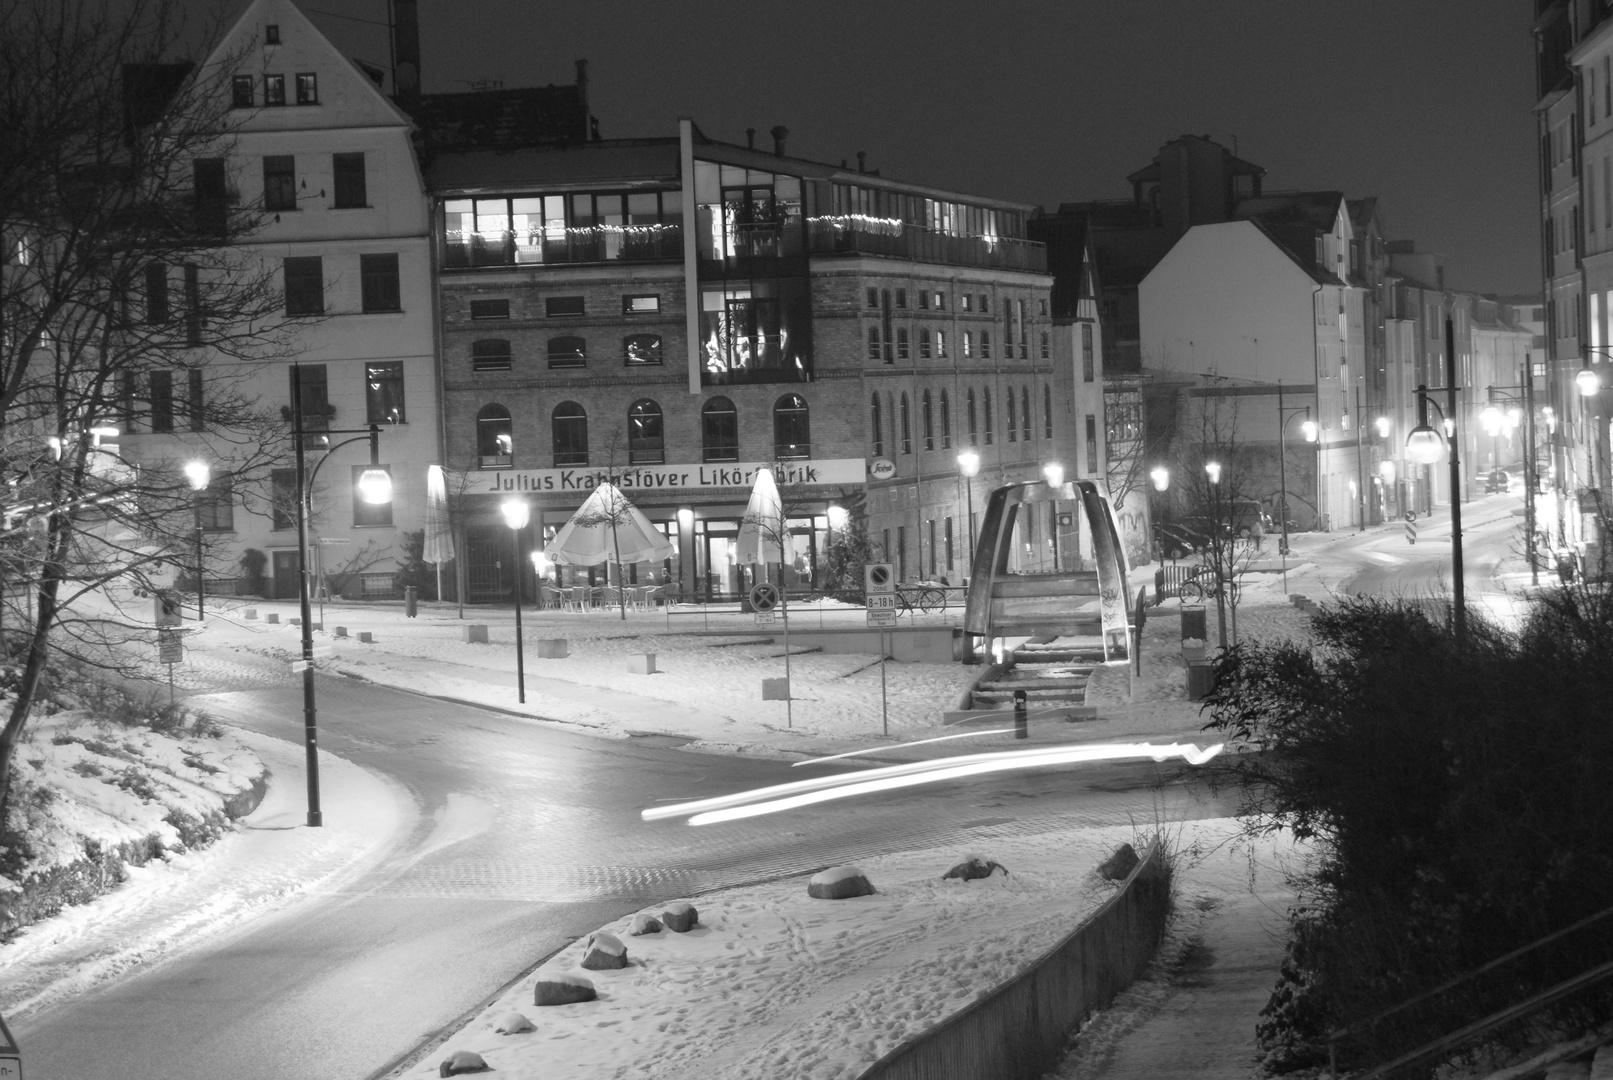 Gerberbruch Rostock bei Nacht